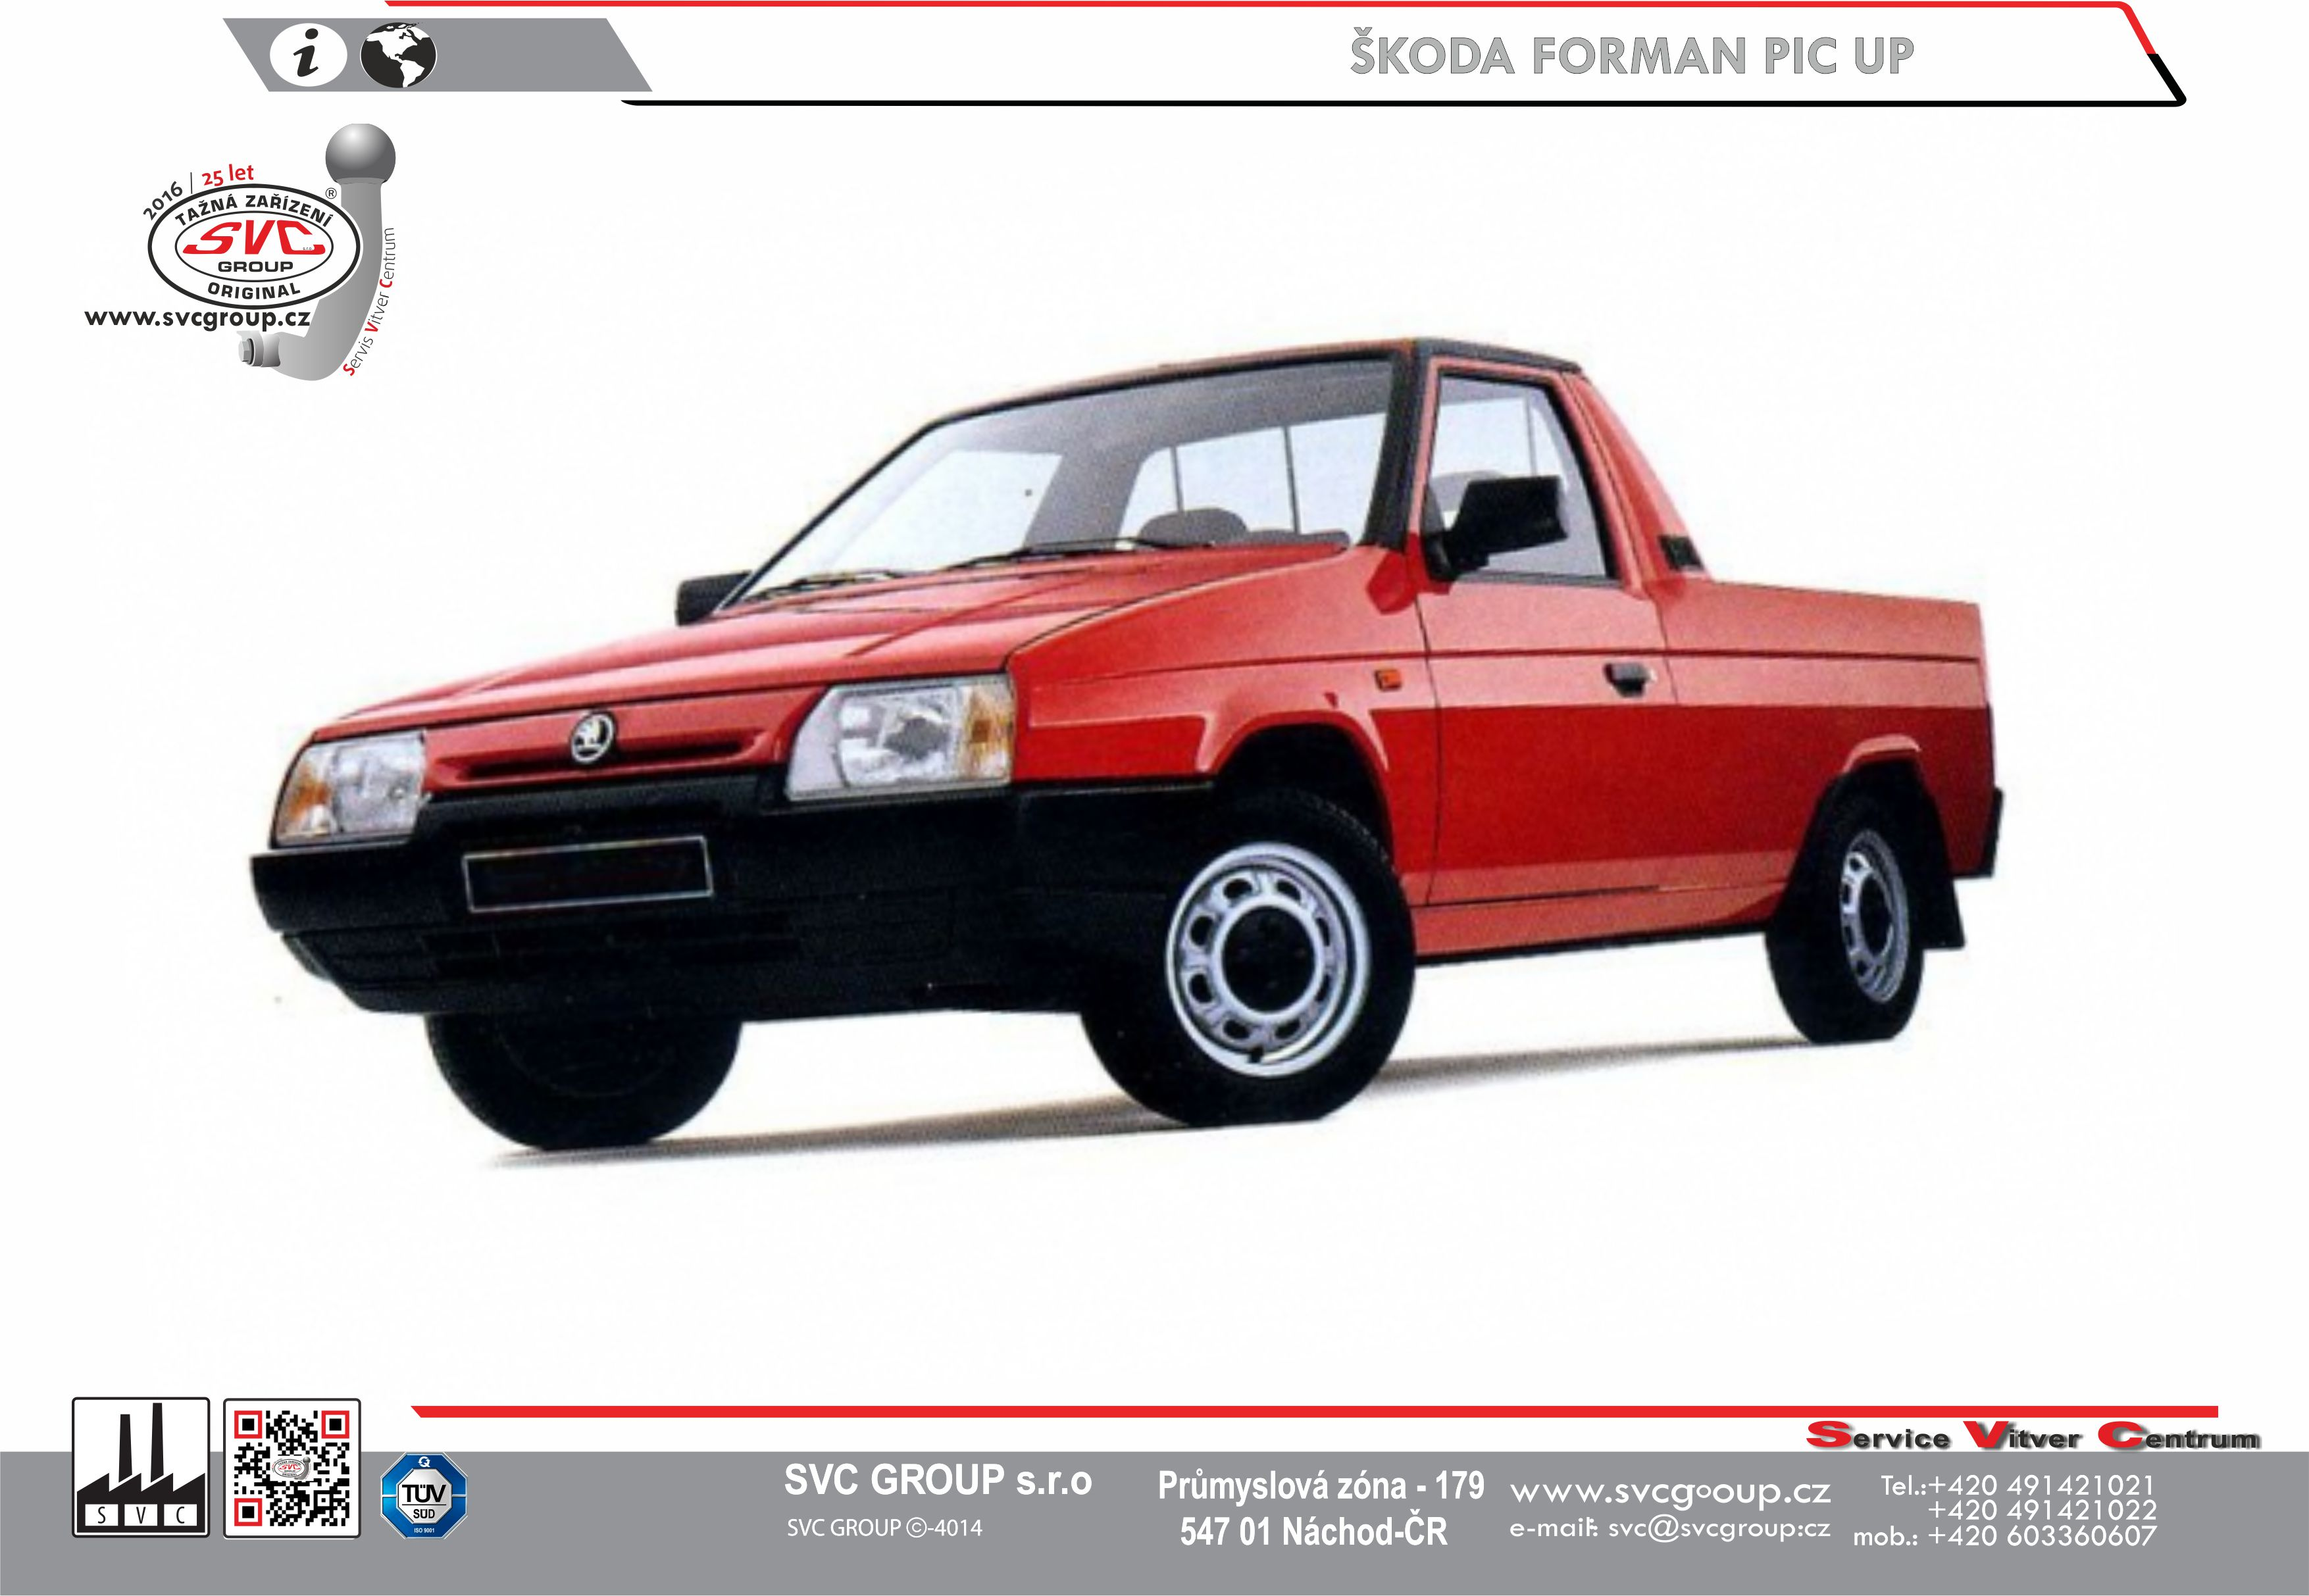 Škoda Favorit Pick-up